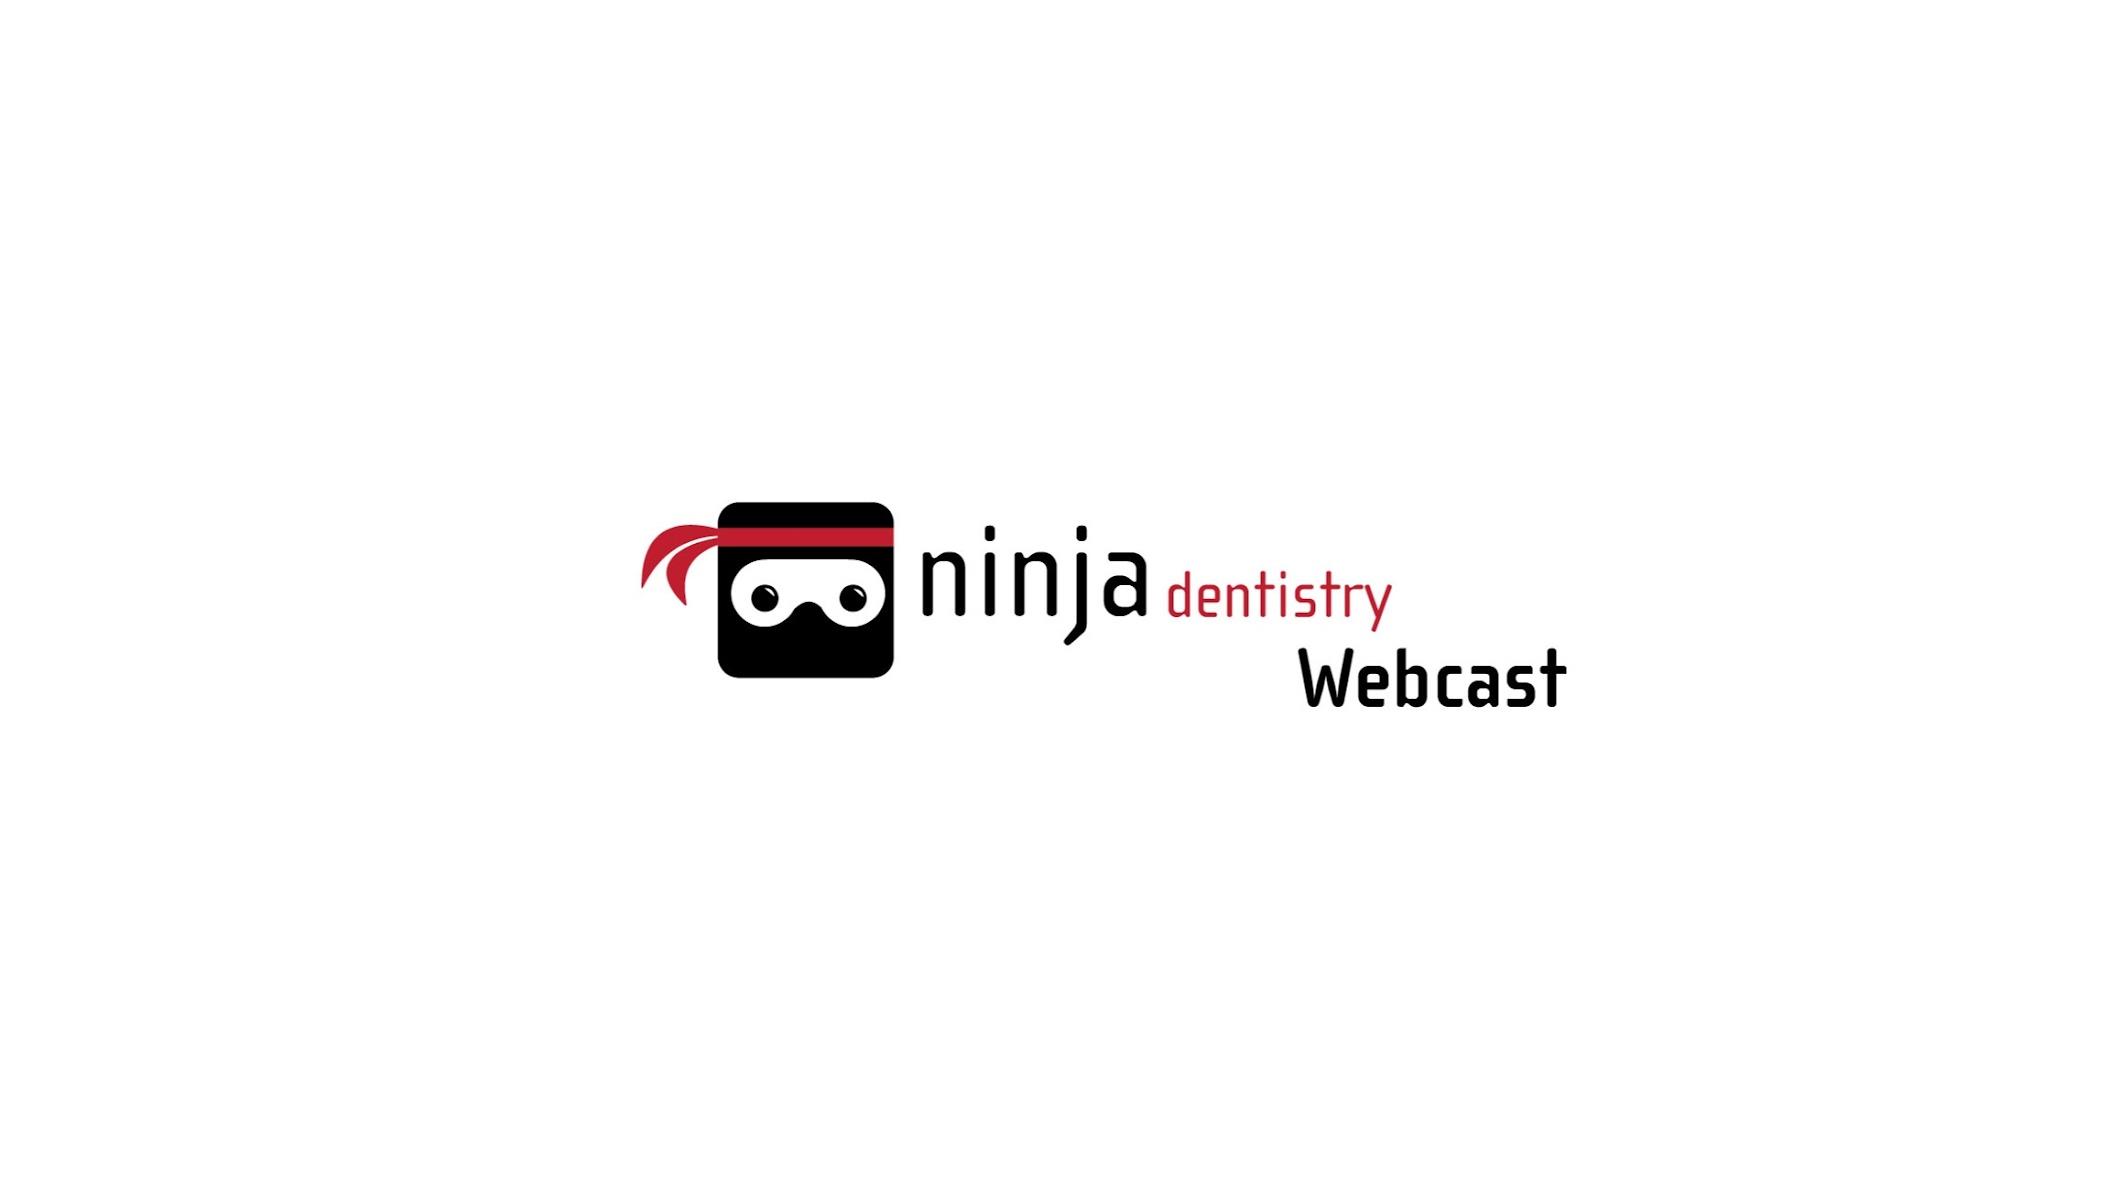 Ninja Dentistry